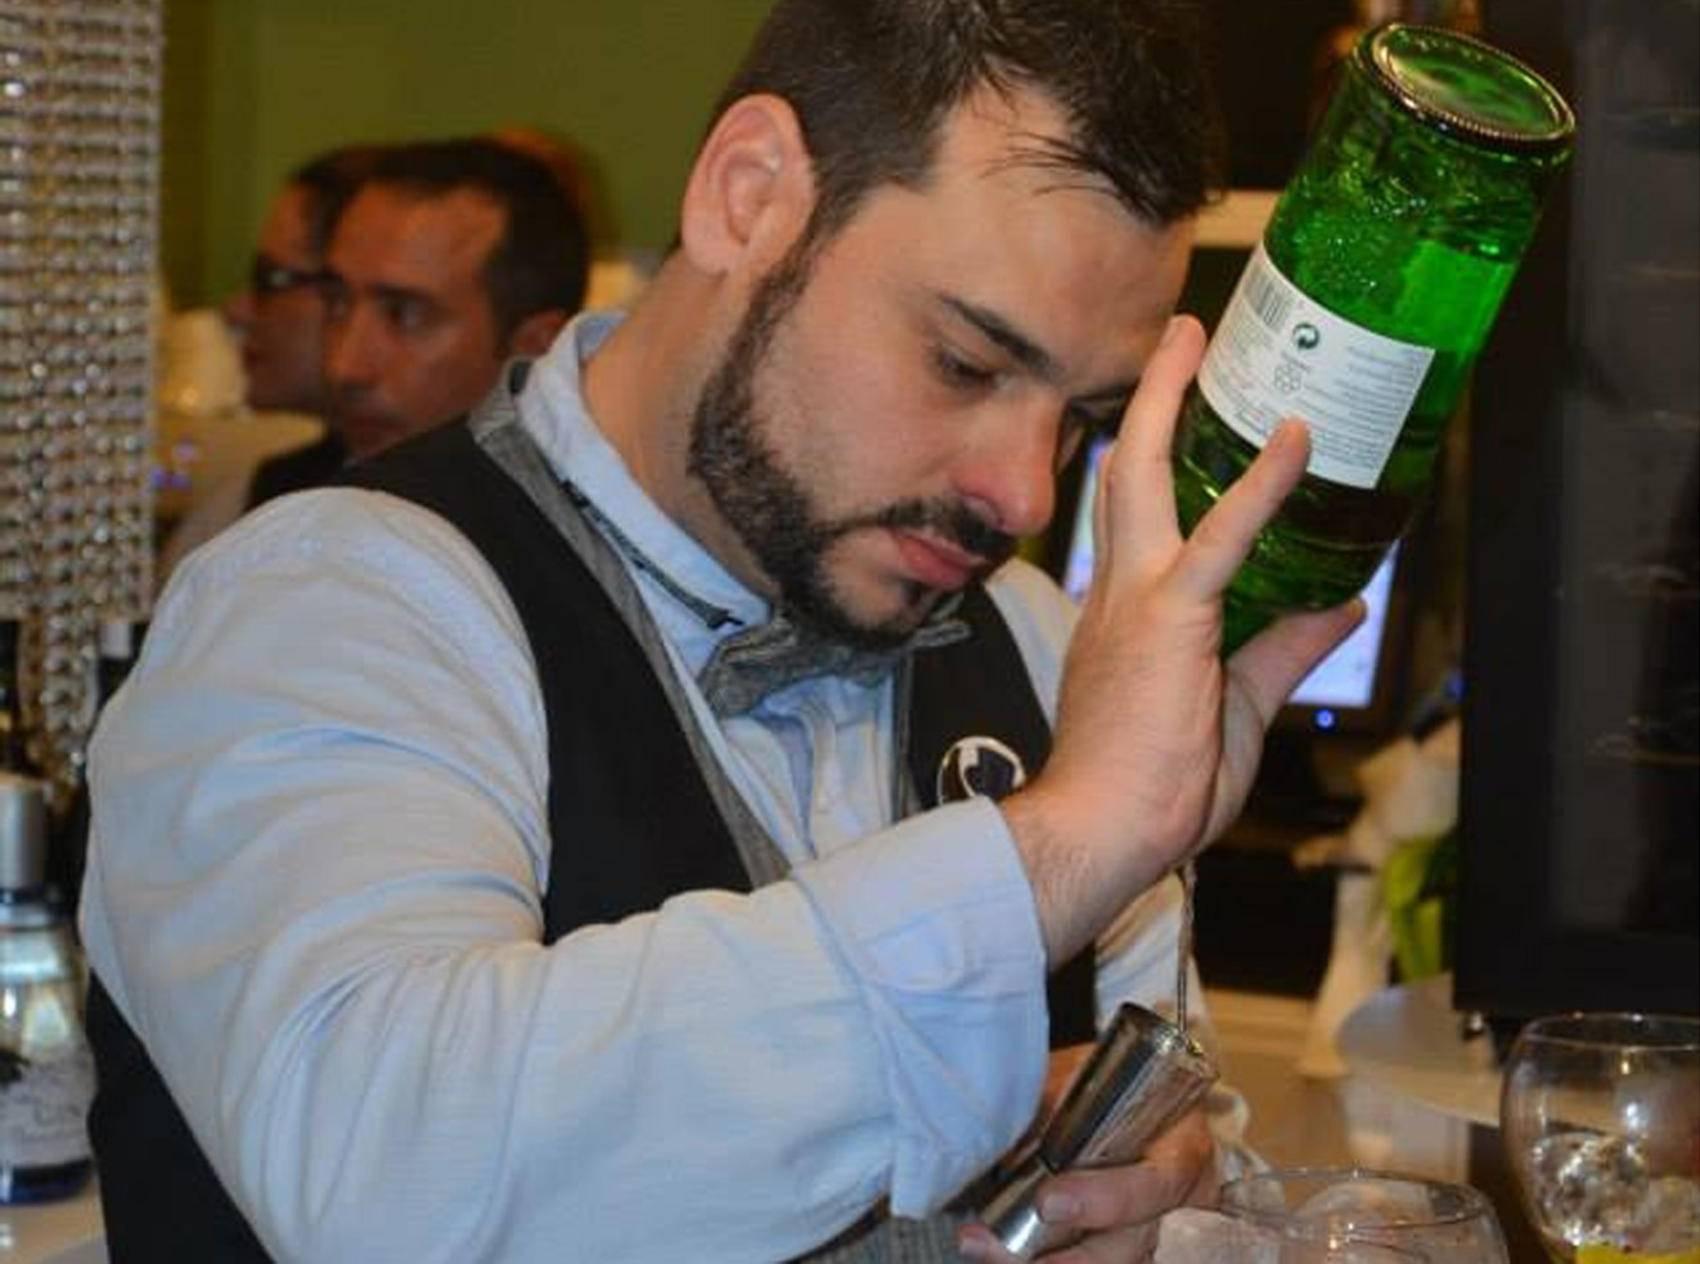 Victor Mart%C3%ADn - Victor Martín participará en FENAVIN con una demostración de cócteles de vino